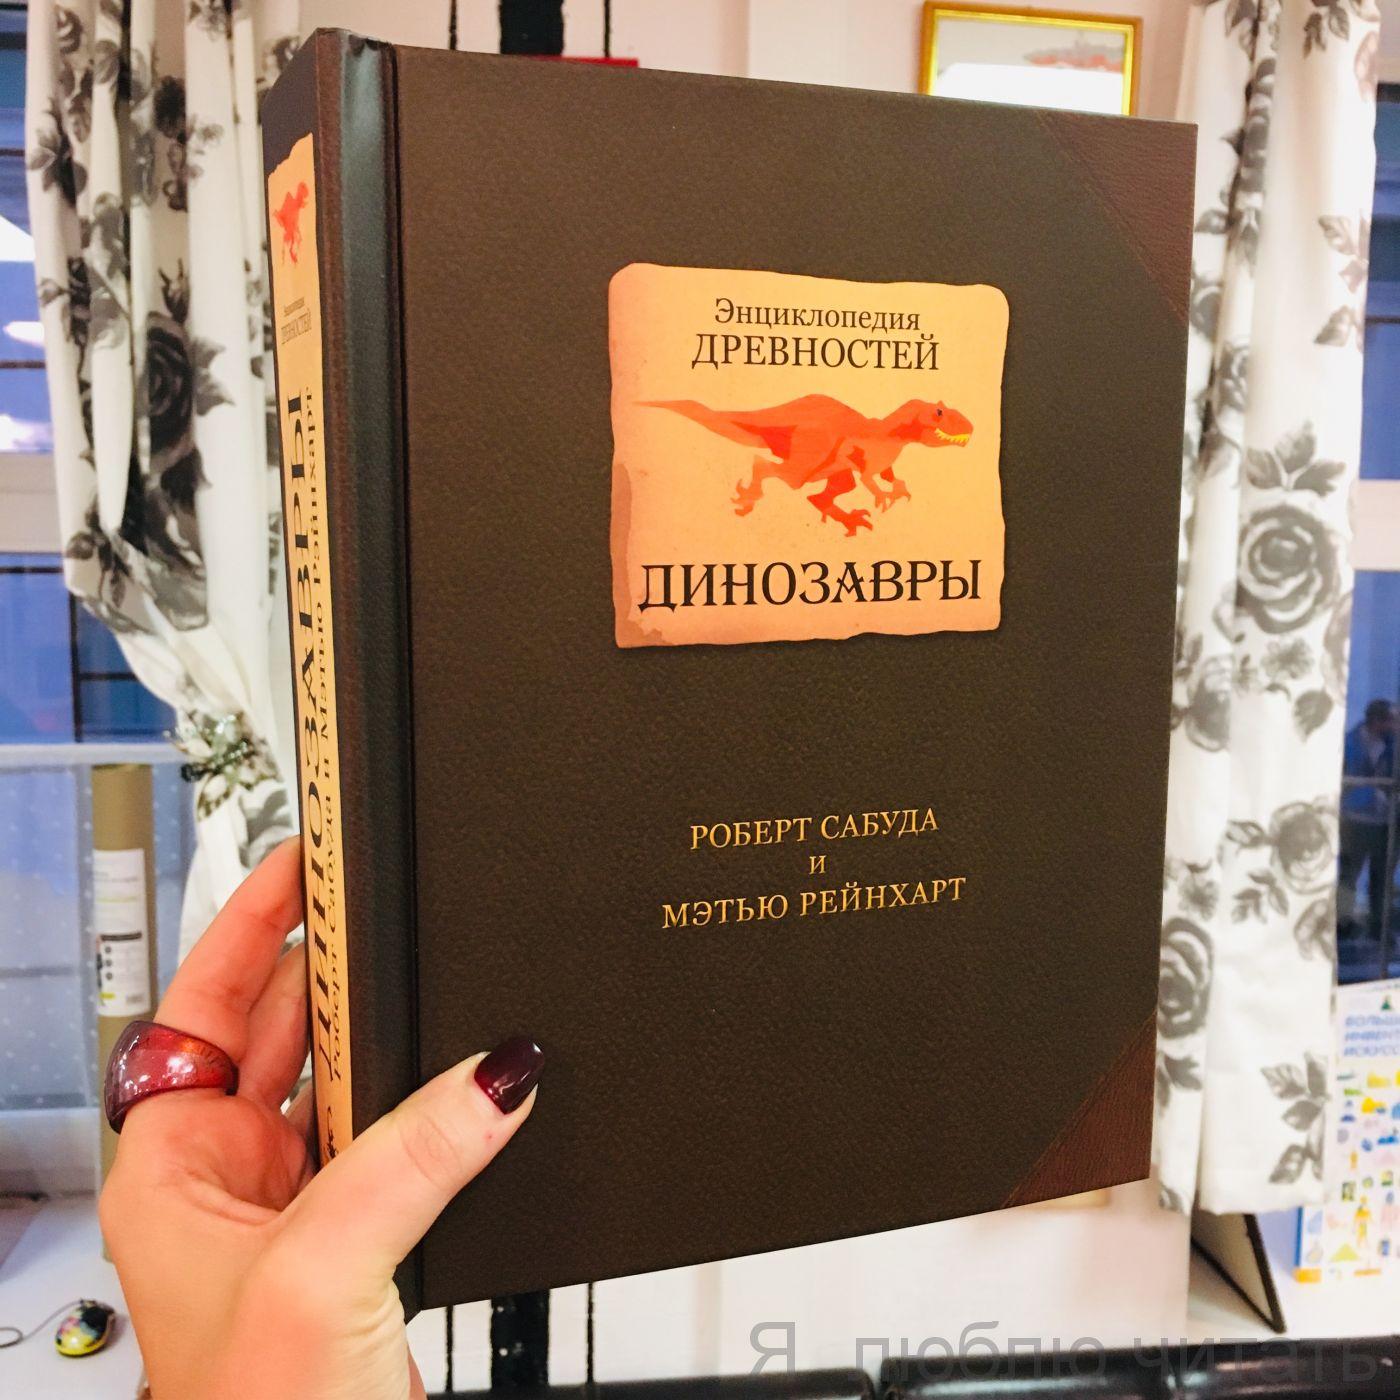 Энциклопедия древностей: Динозавры